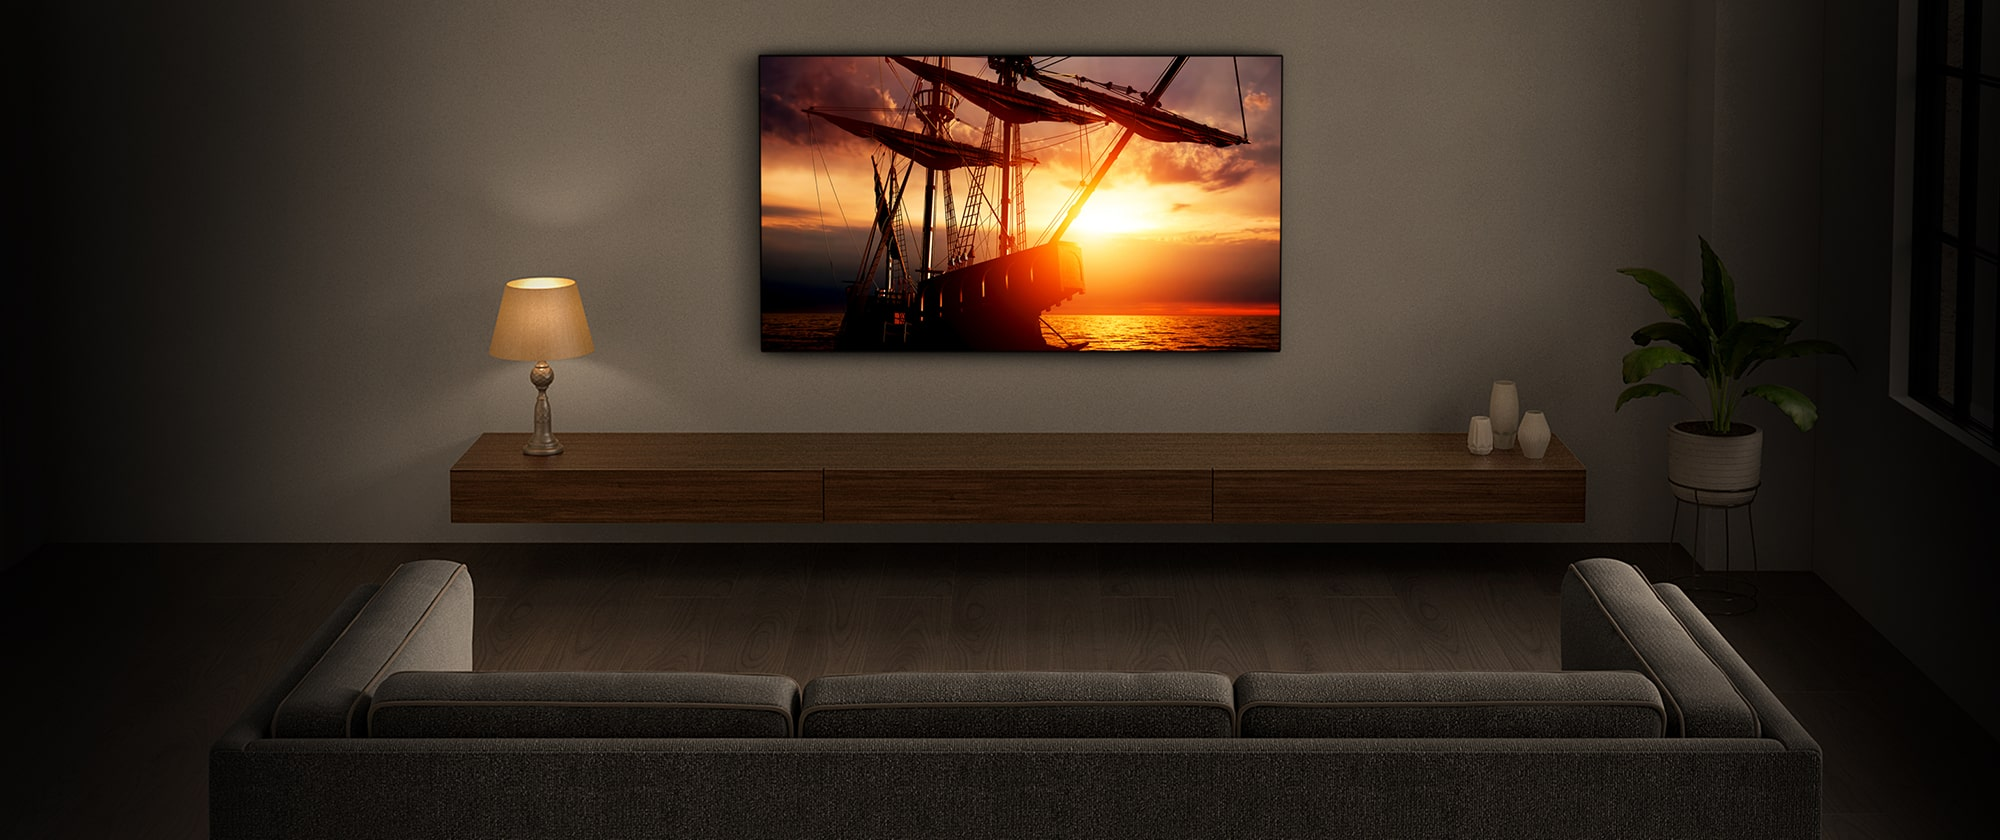 Широкоэкранный телевизор в гостиной передает атмосферные изображение и звук